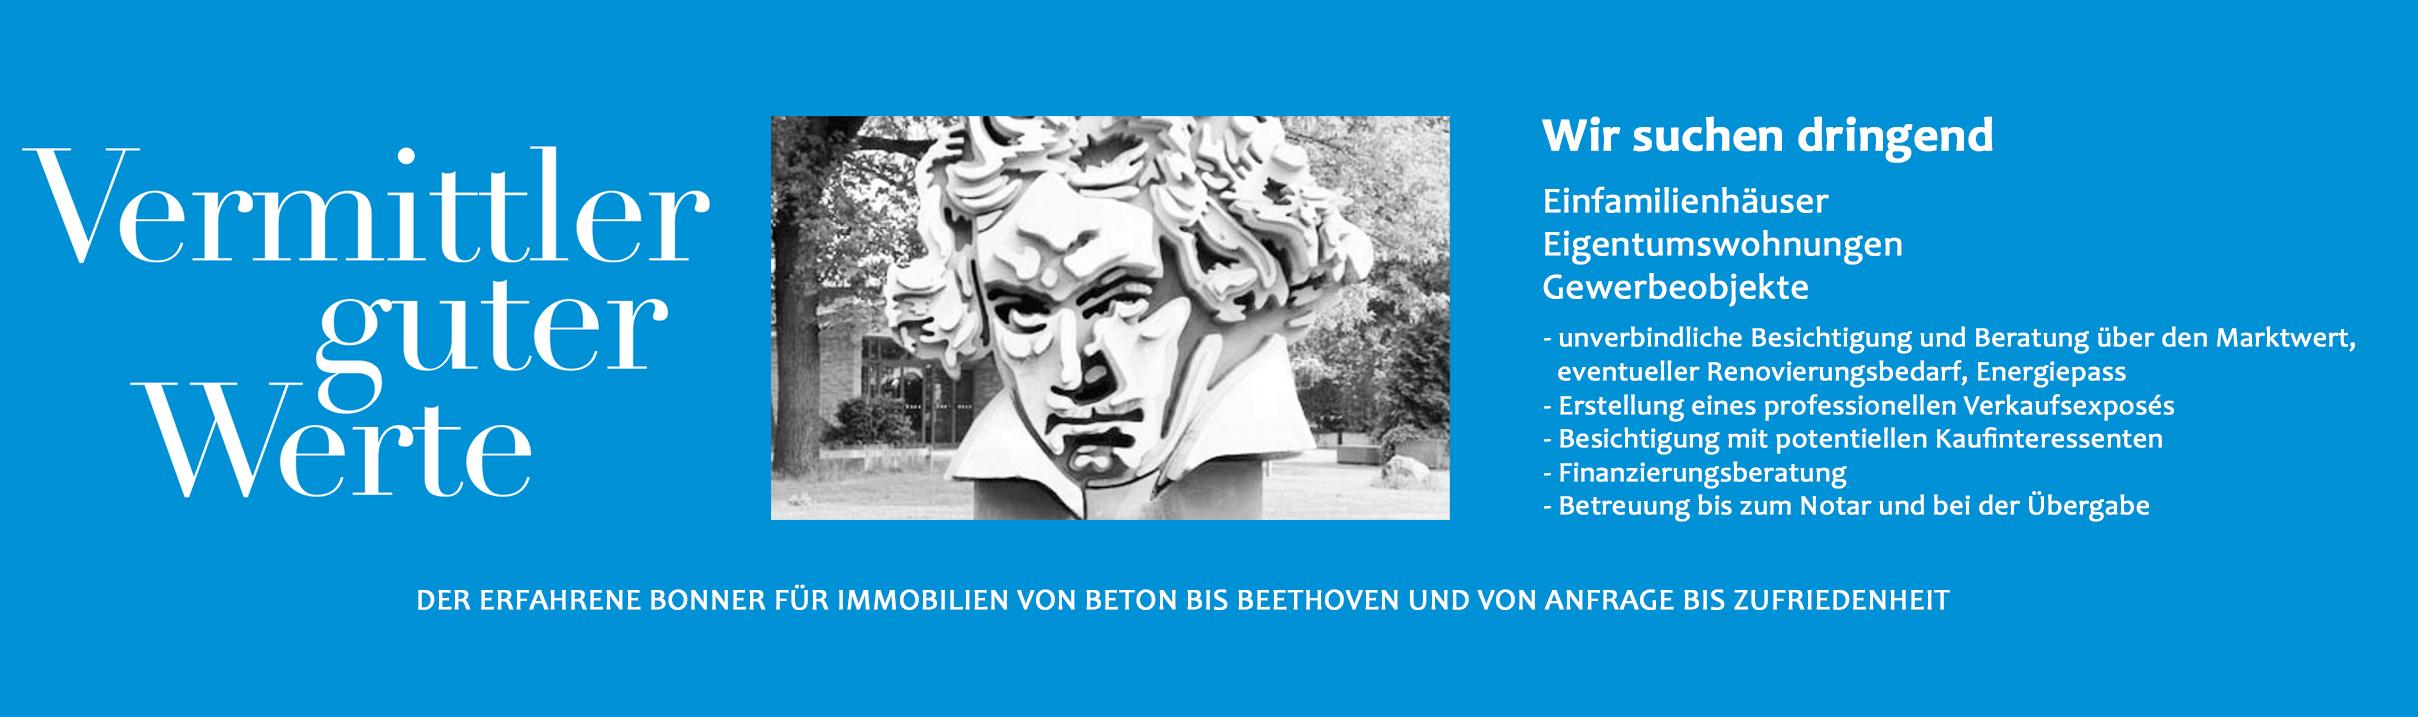 Anzeige Wir suchen Beethoven 4